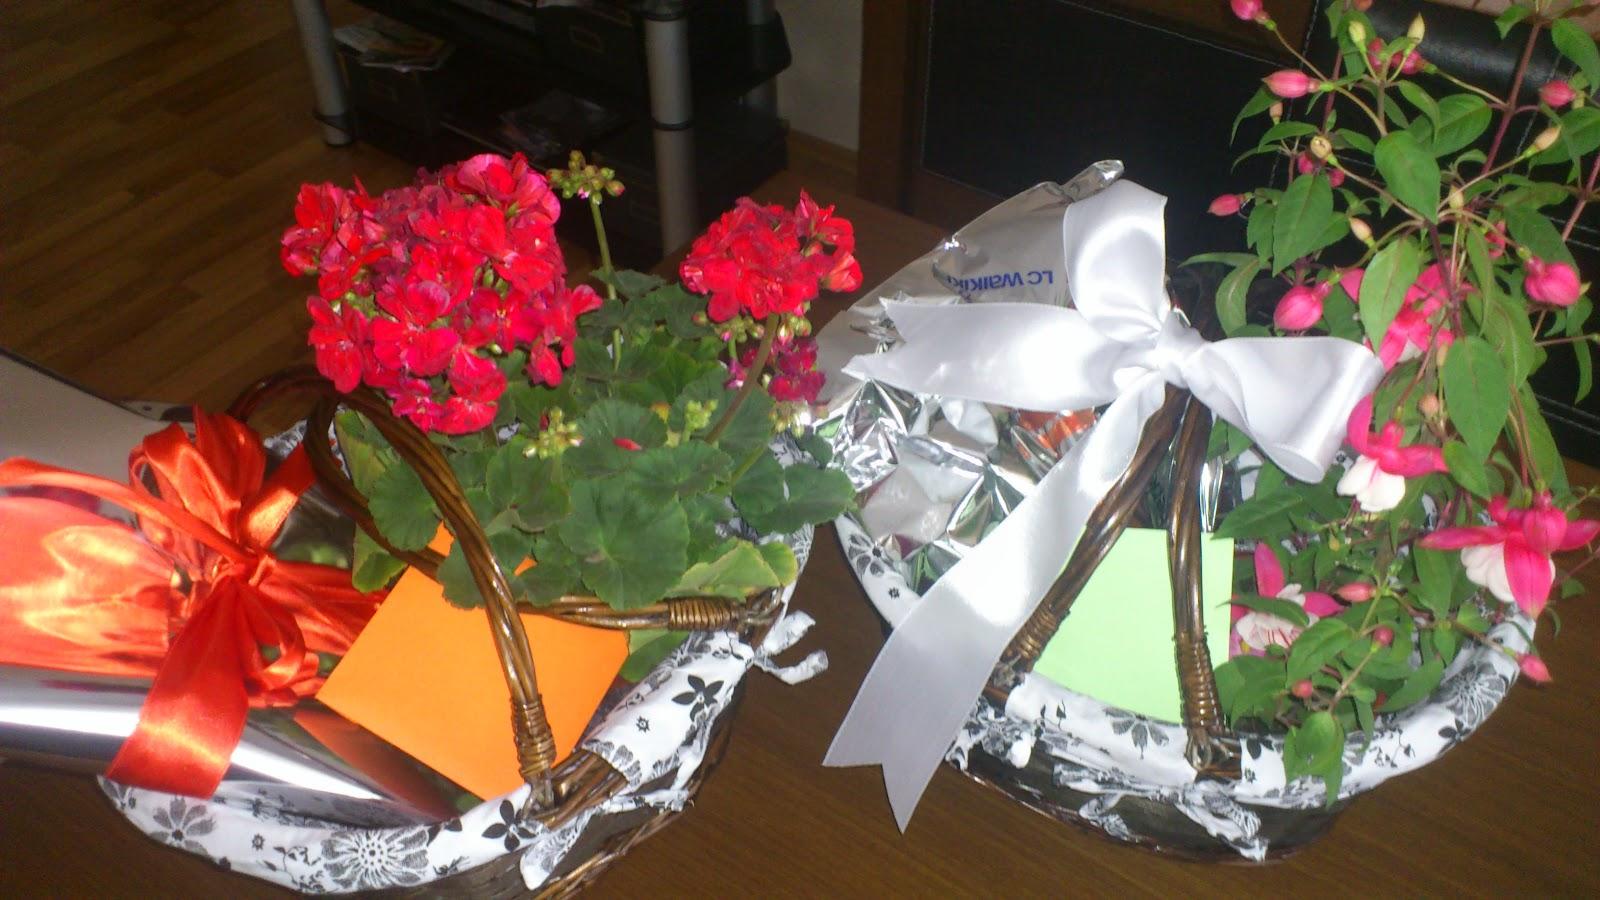 En Güzel Anneler Günü Hediyeleri 2012